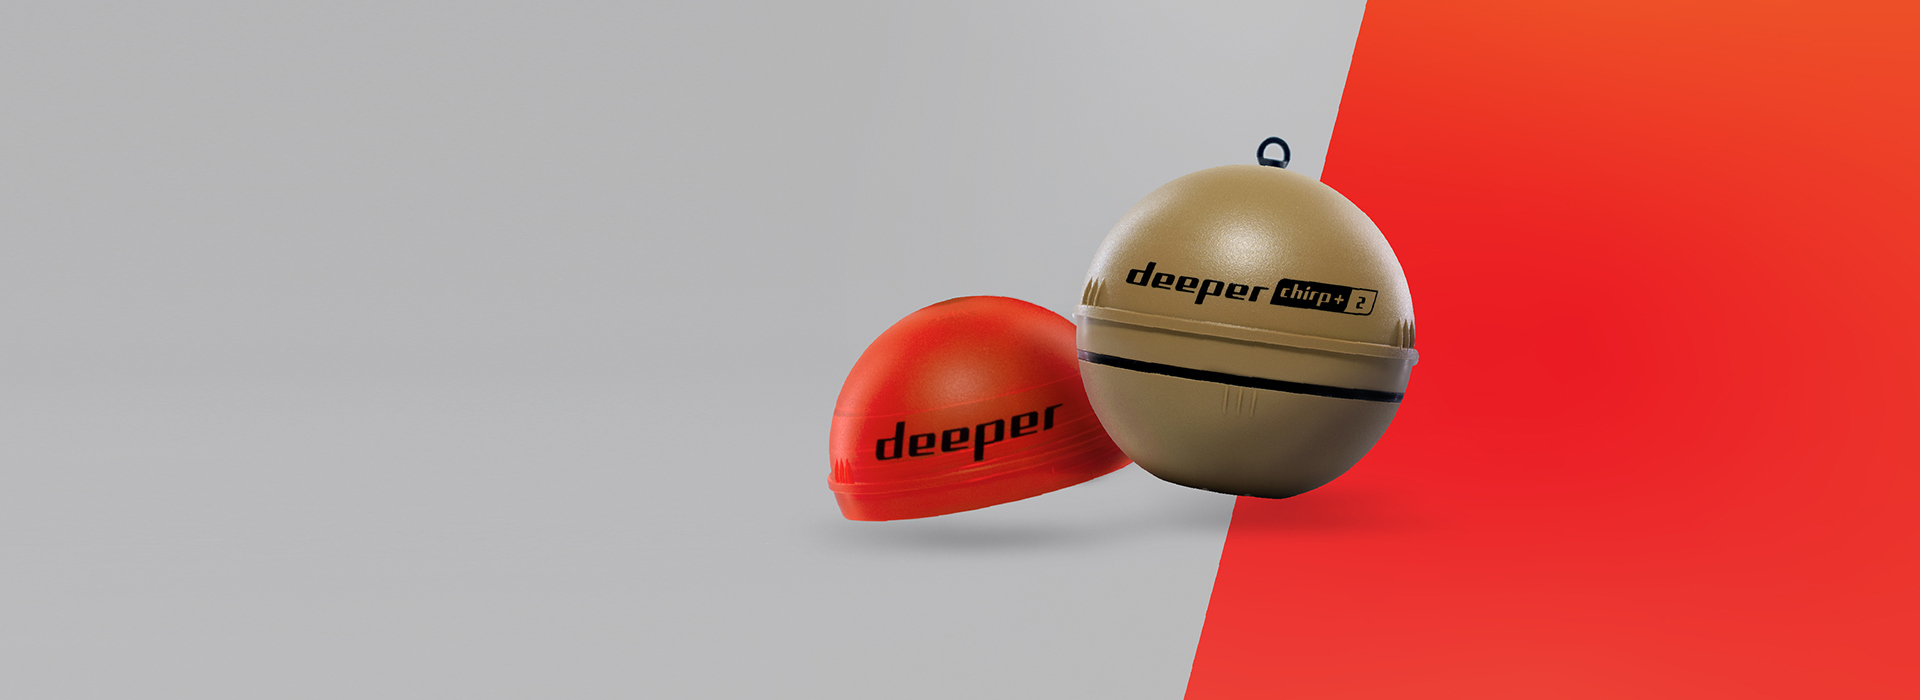 Incontra il nuovoDeeper CHIRP+ 2! Il sonar più potente che abbiamo mai realizzato. Per adesso.